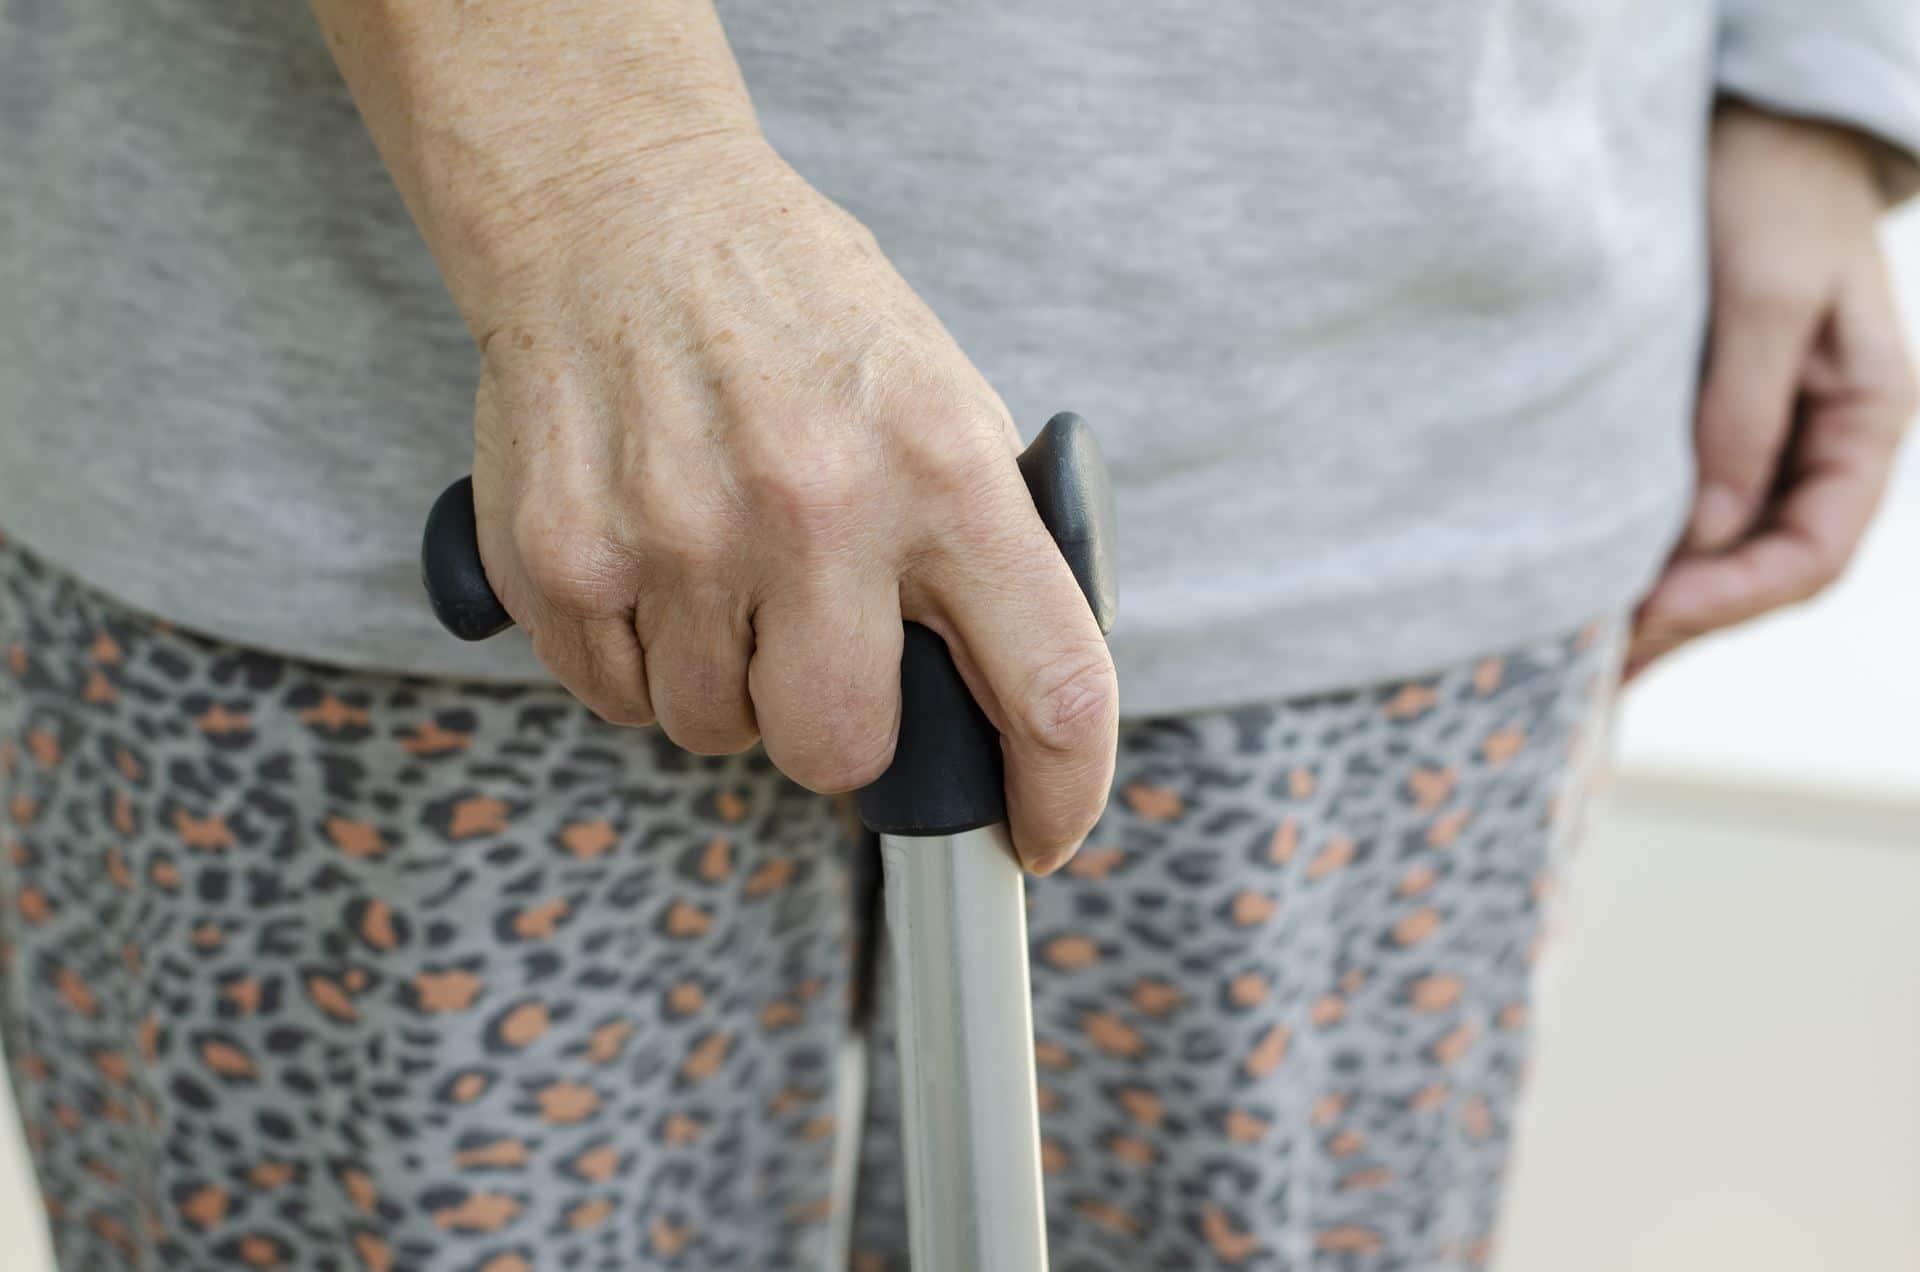 אירוע מוחי צד ימין - Restart Therapy שיקום פרטי בבית הלקוח